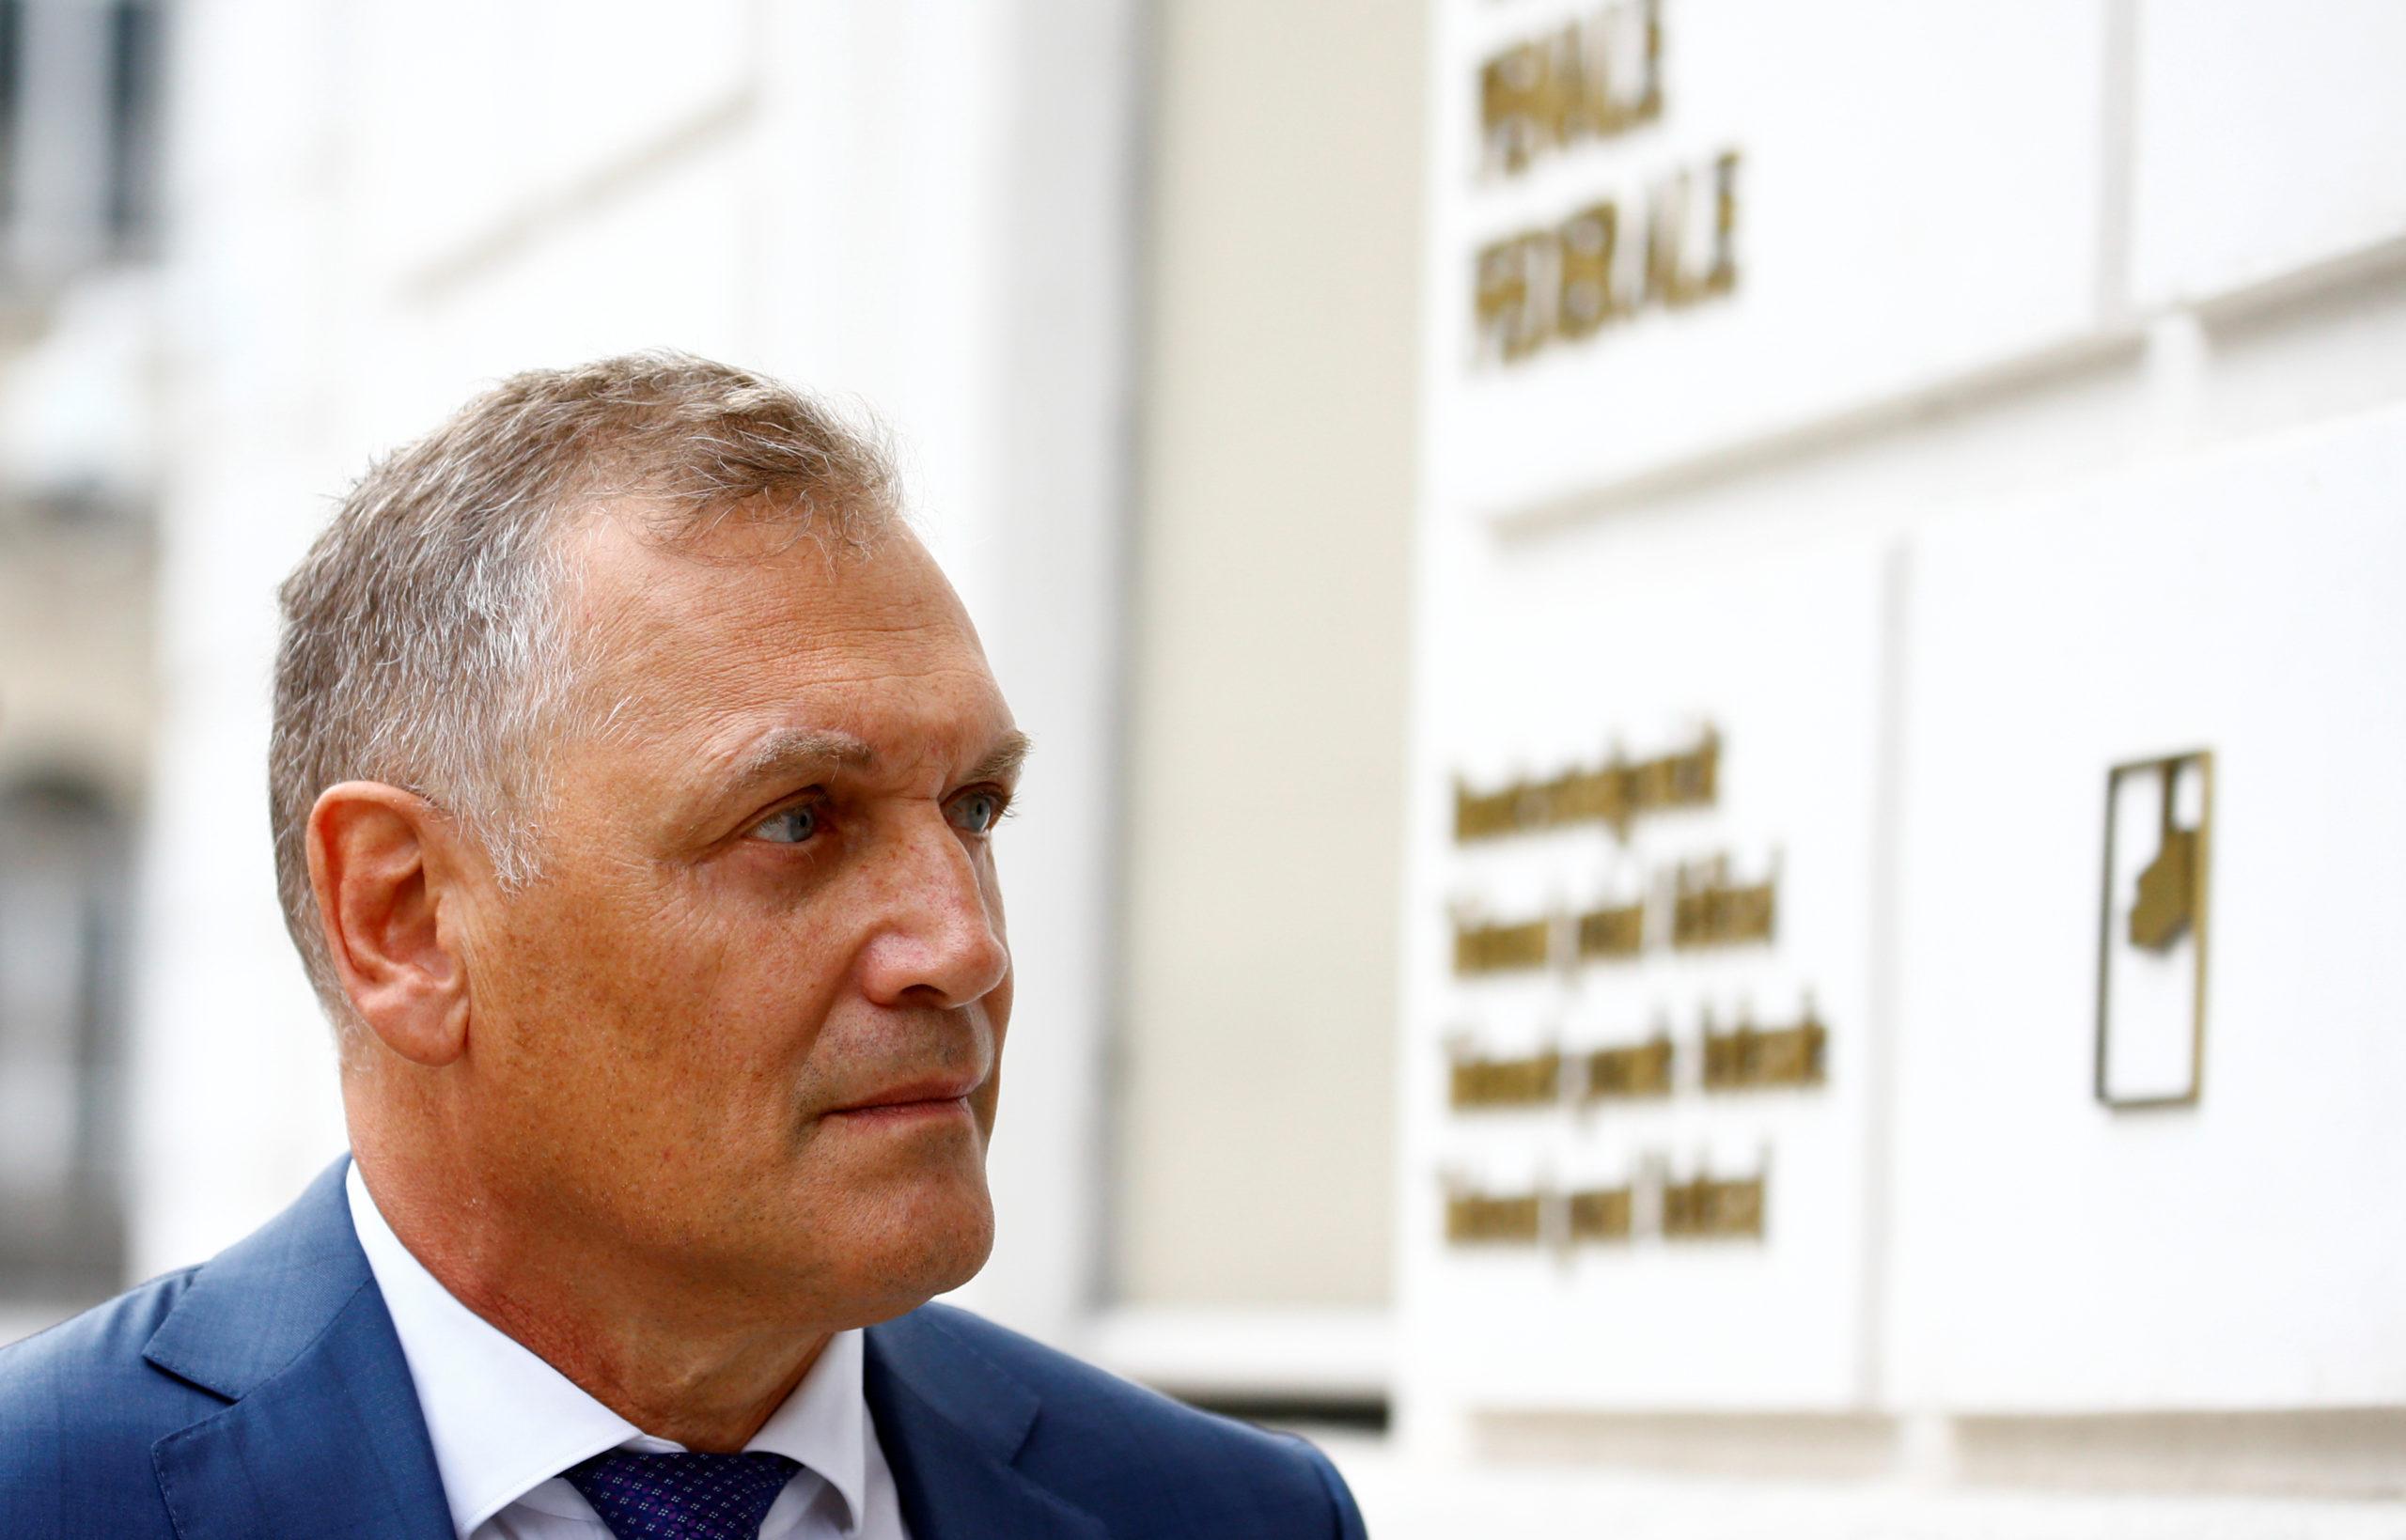 L'ex-secrétaire général de la Fifa et Nasser Al-Khelaïfi jugés en Suisse